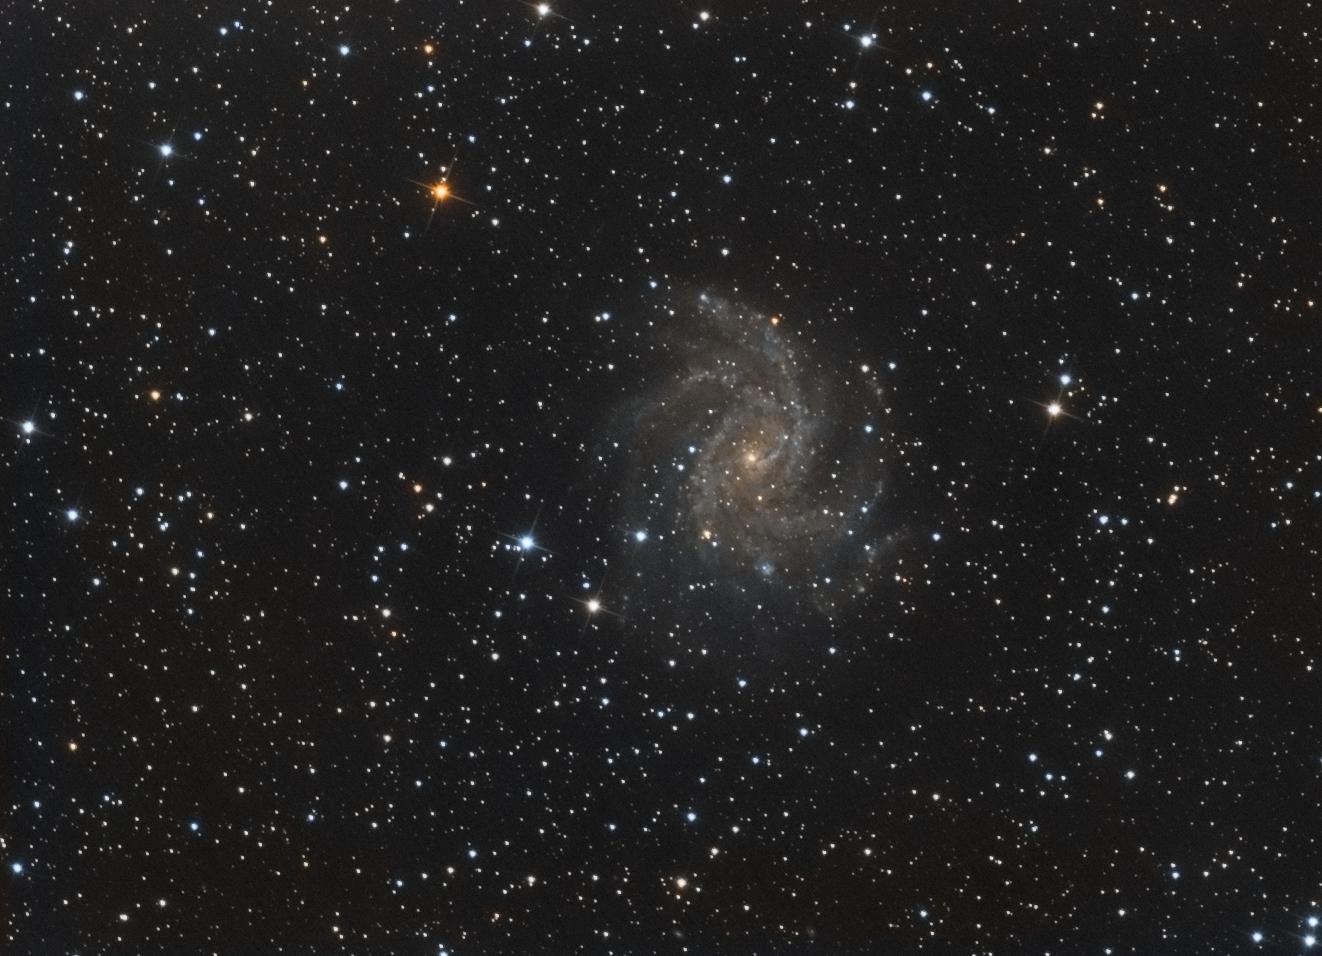 Premières lumières sur la galaxie du feu d'artifice Firewo10